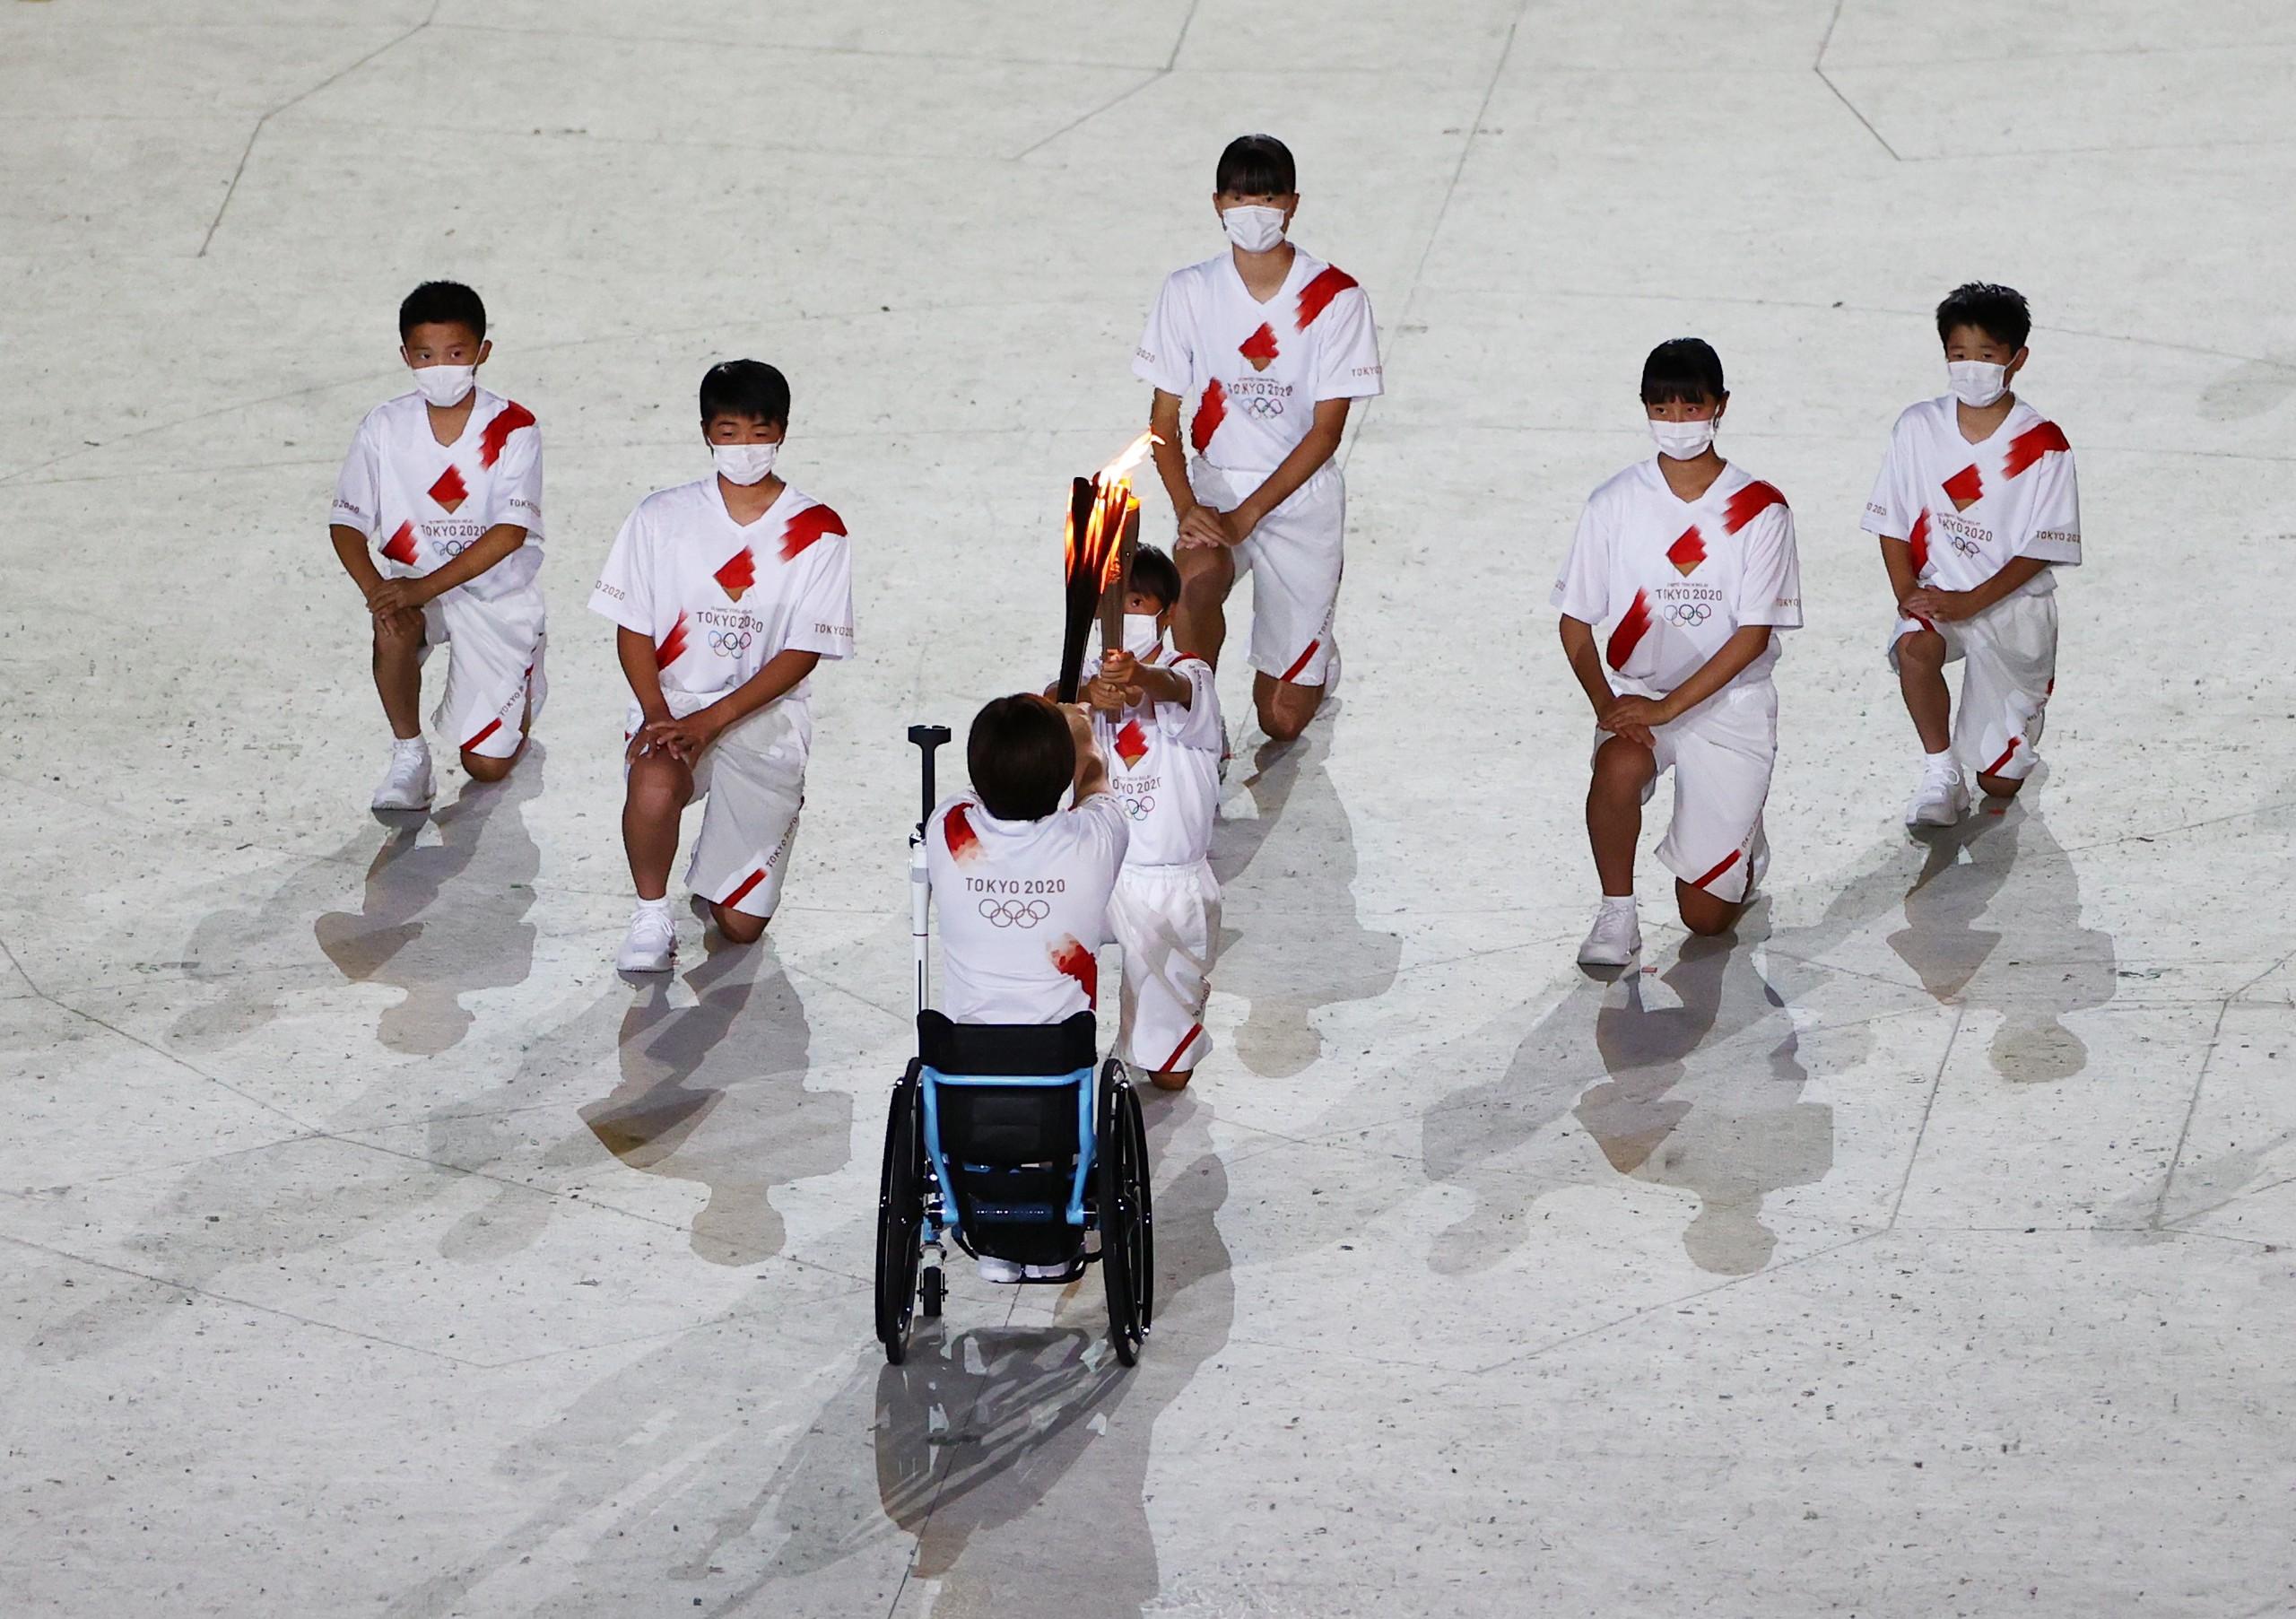 当地时间2021年7月23日,日本东京,2020东京奥运会开幕式。第四棒火炬手是一位残疾人运动员土田和歌子,她在夏季和冬季残奥会上都曾获得金牌。